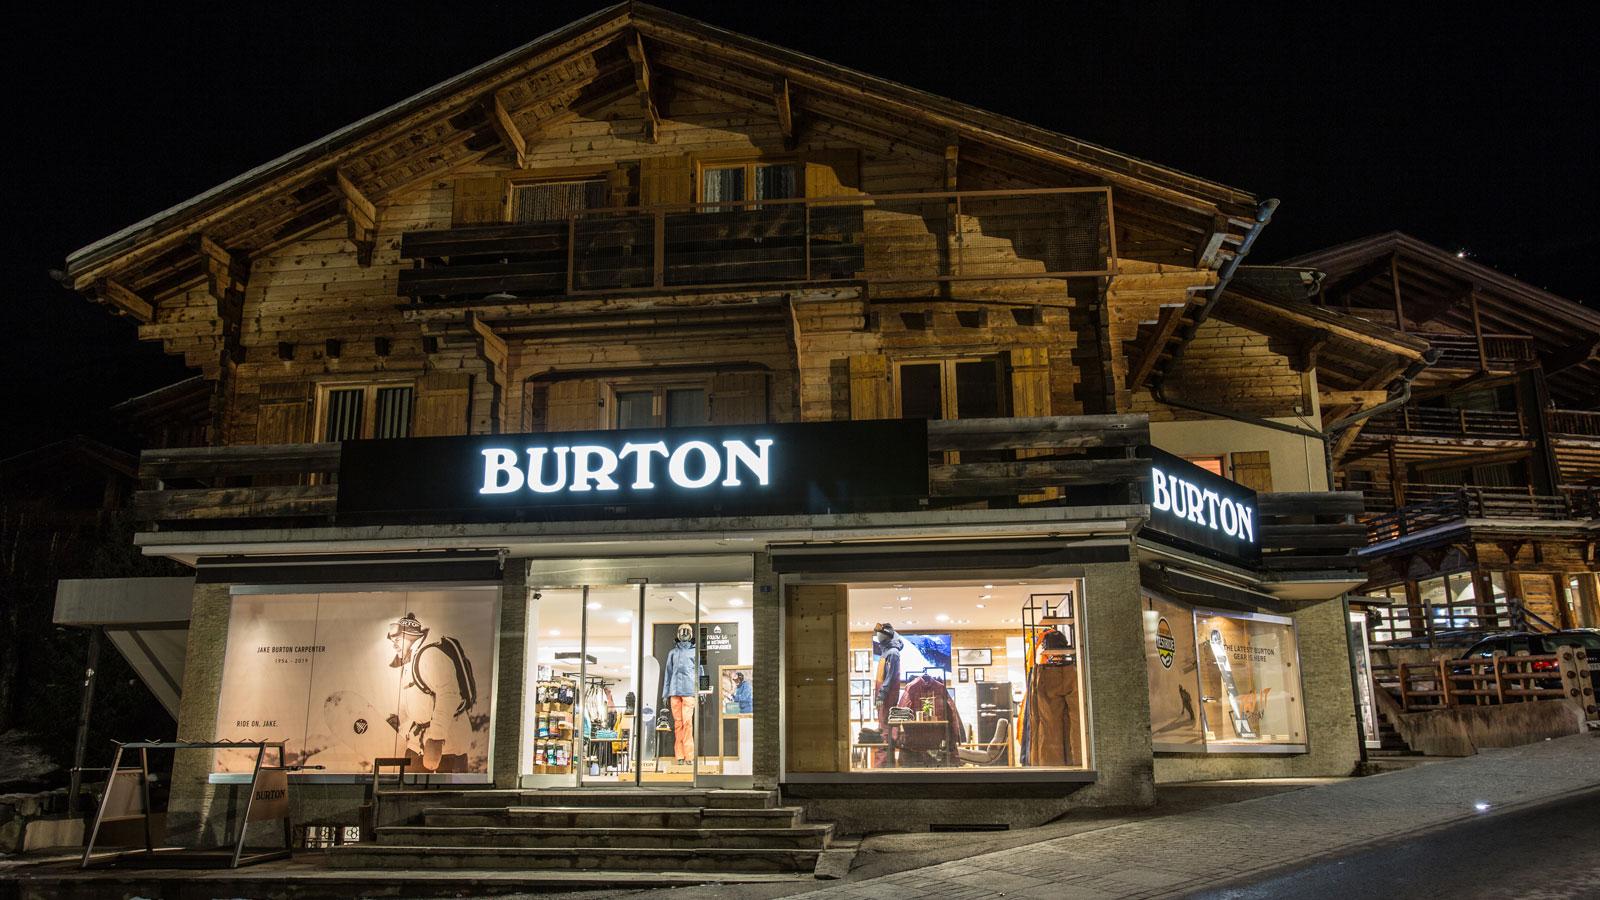 Burton cover